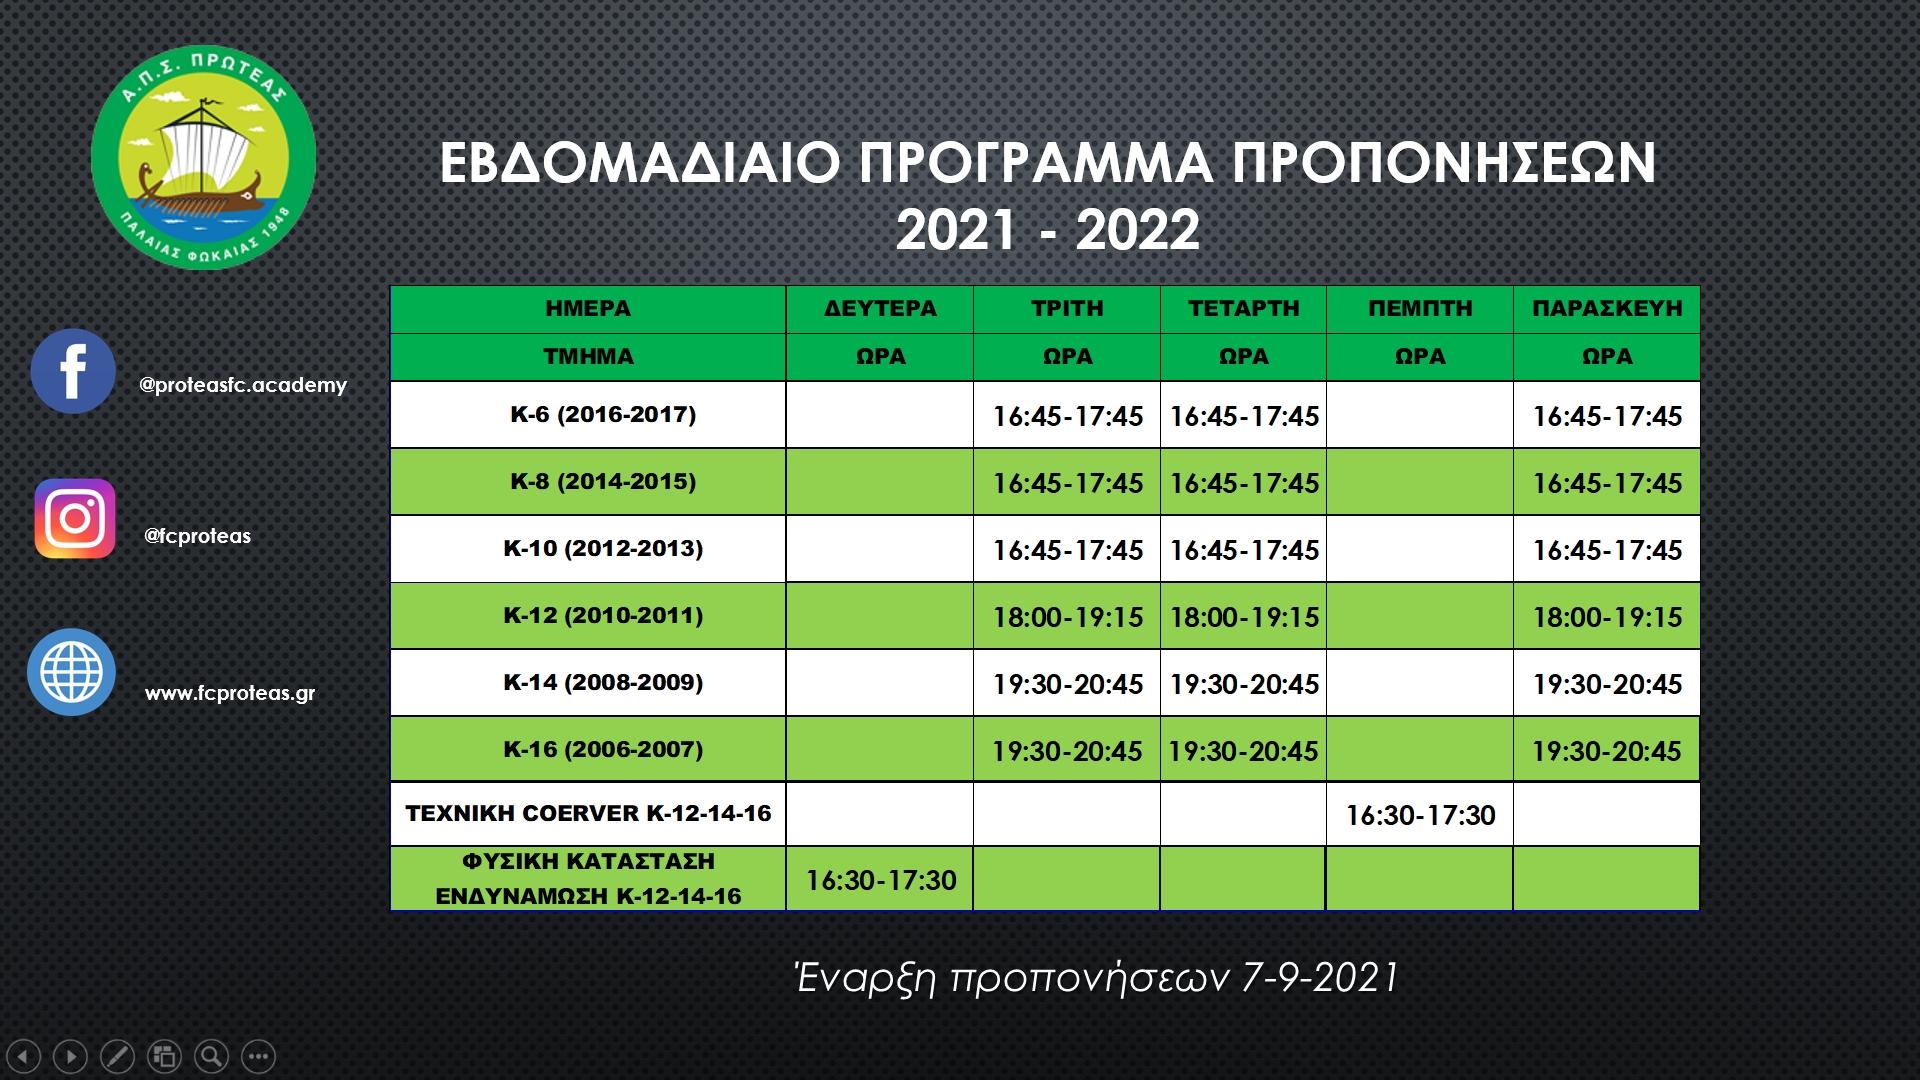 ΕΒΔΟΜΑΔΙΑΙΟ ΠΡΟΓΡΑΜΜΑ ΠΡΟΠΟΝΗΣΕΩΝ 2021-2022